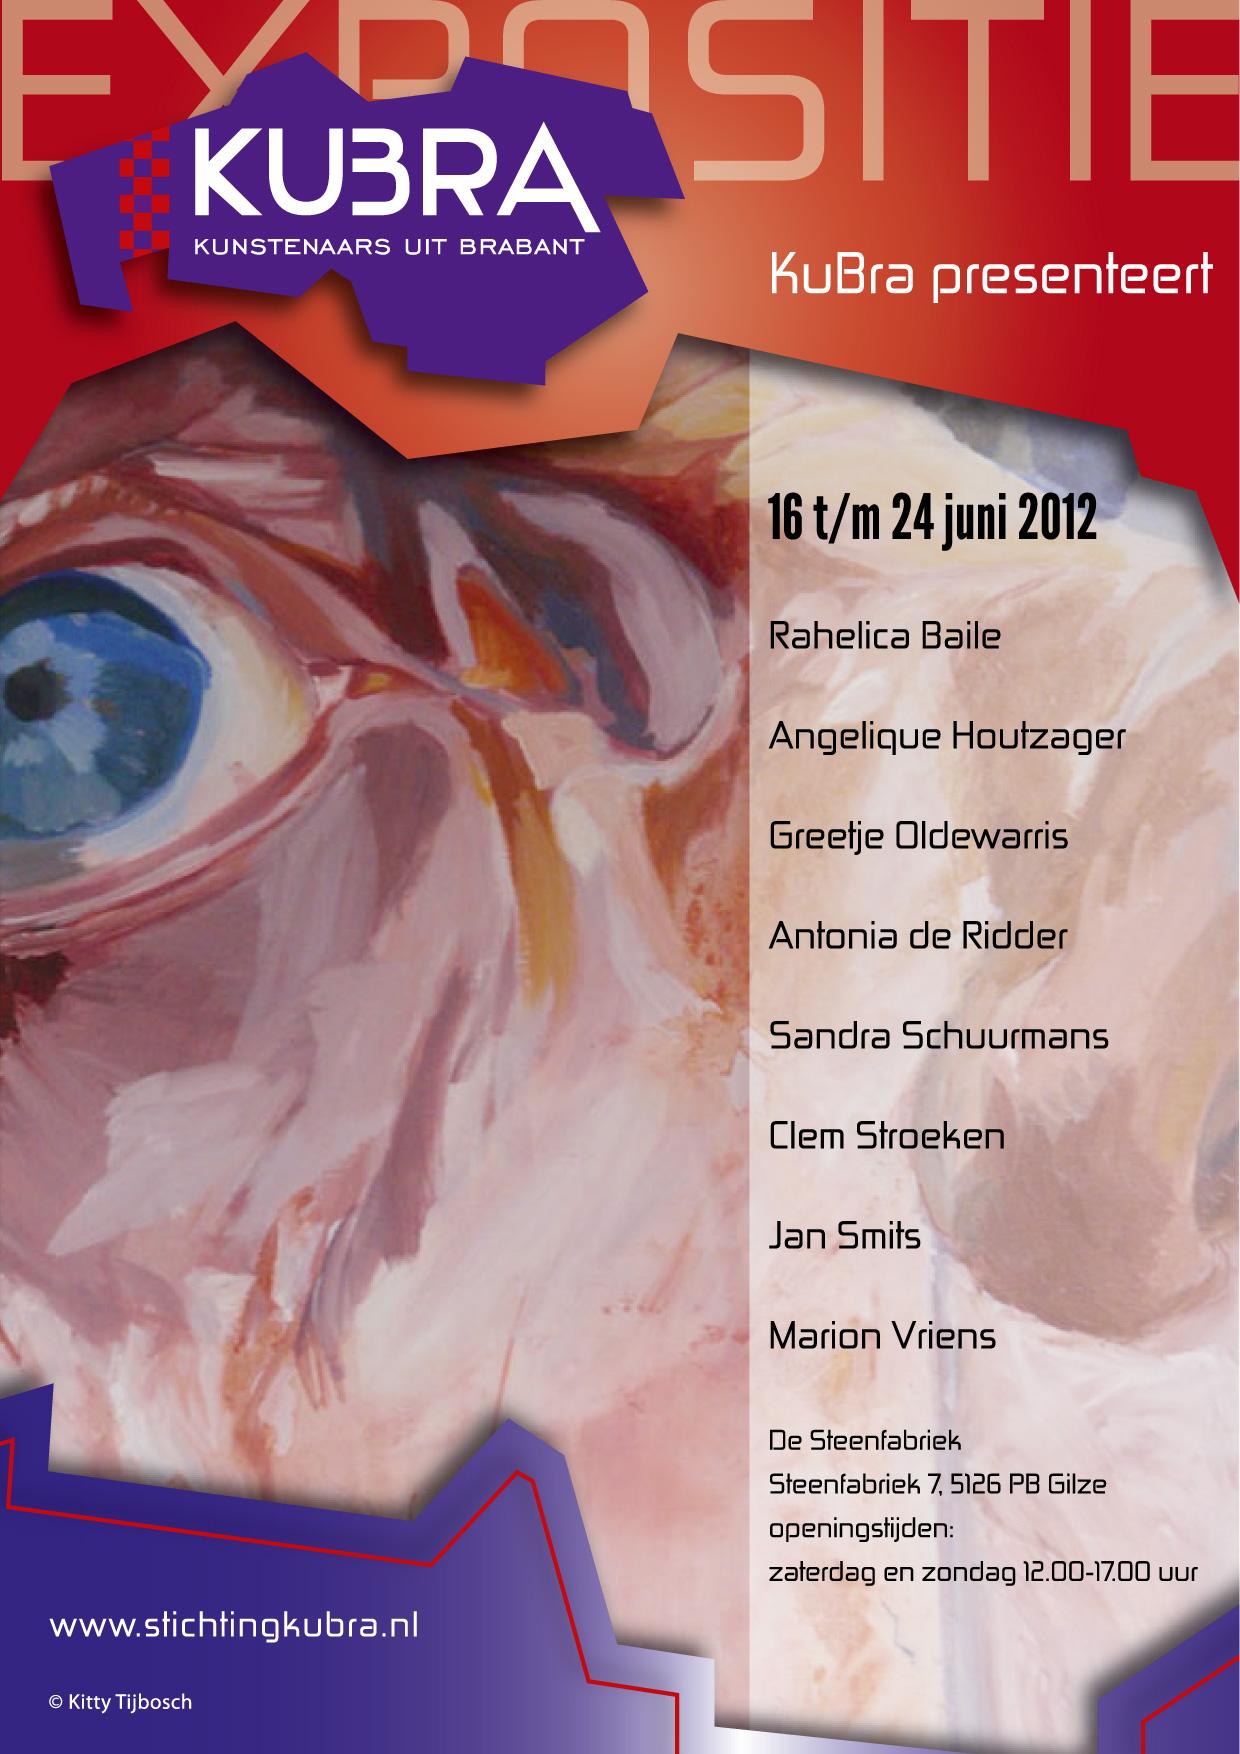 16 t/m 24 juni 2012 KuBra presenteert: Groepsexpositie naar vrij thema